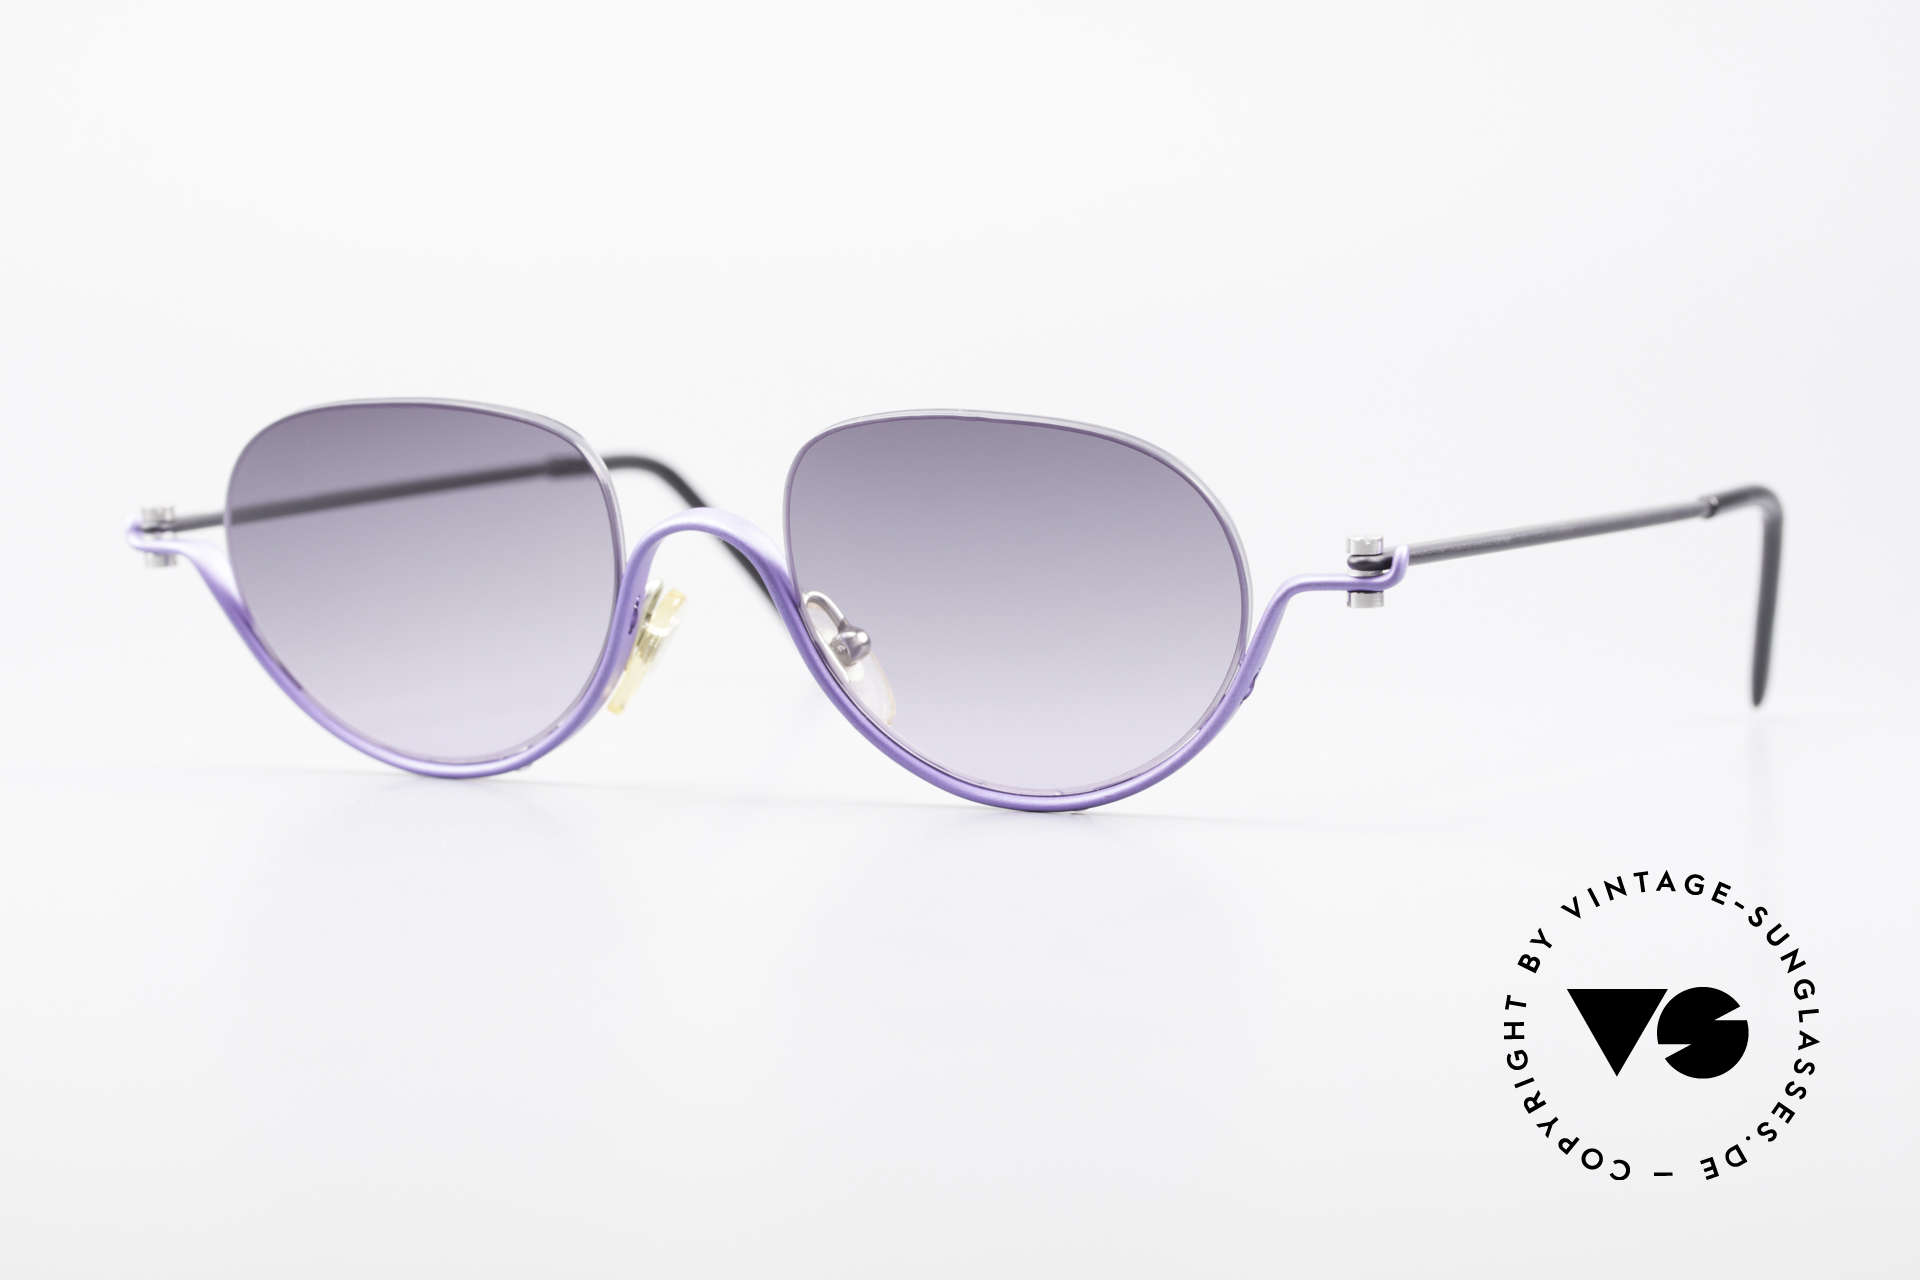 ProDesign No8 Gail Spence Design Brille, PRODESIGN N°EIGHT Optic Studio Denmark Brille, Passend für Damen